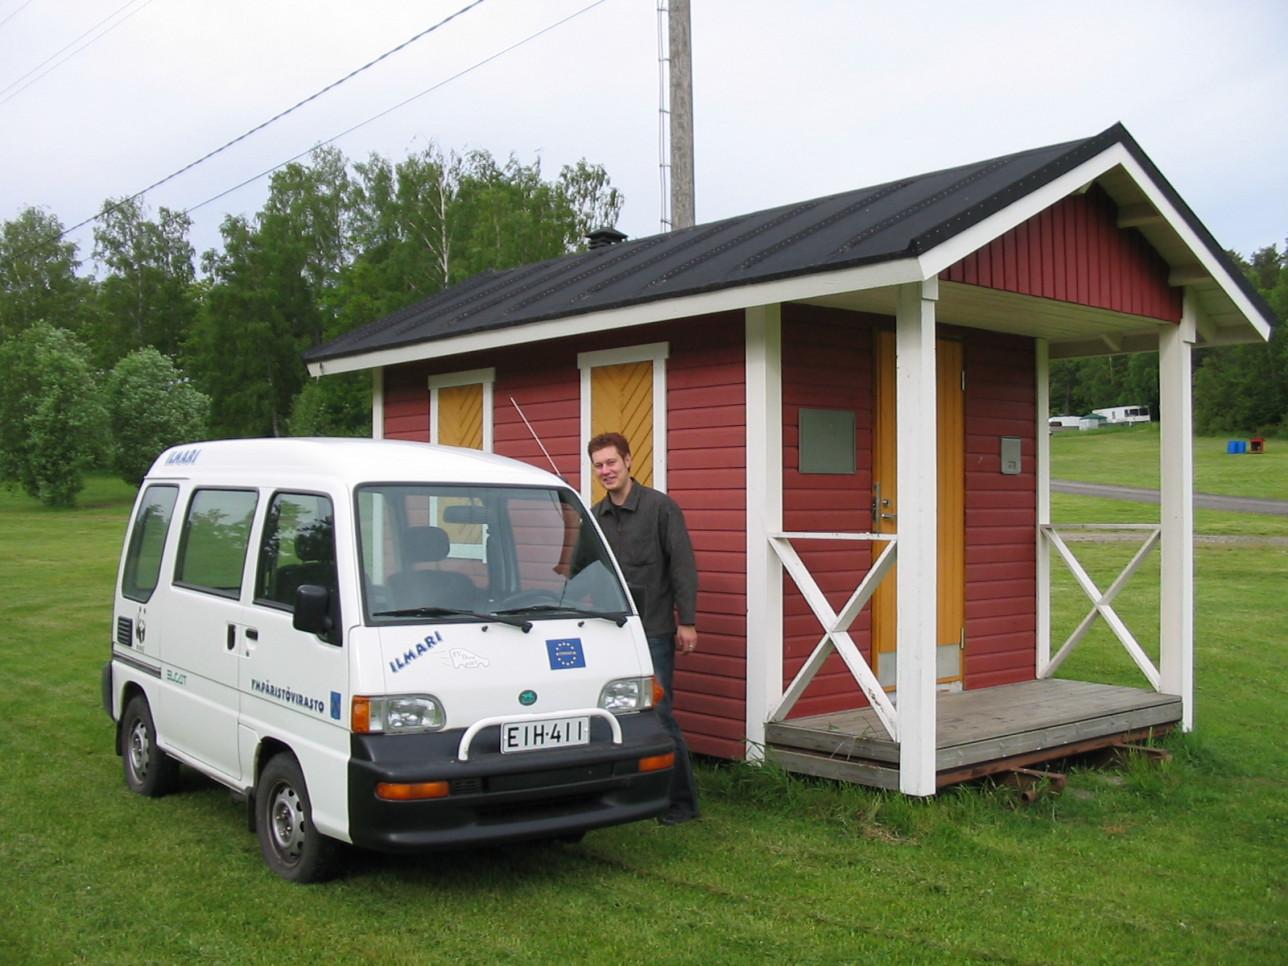 Ilmariksi ristitty Elcat ja ympäristötarkastaja Toni Mattila Ruissalon mittausasemalla.